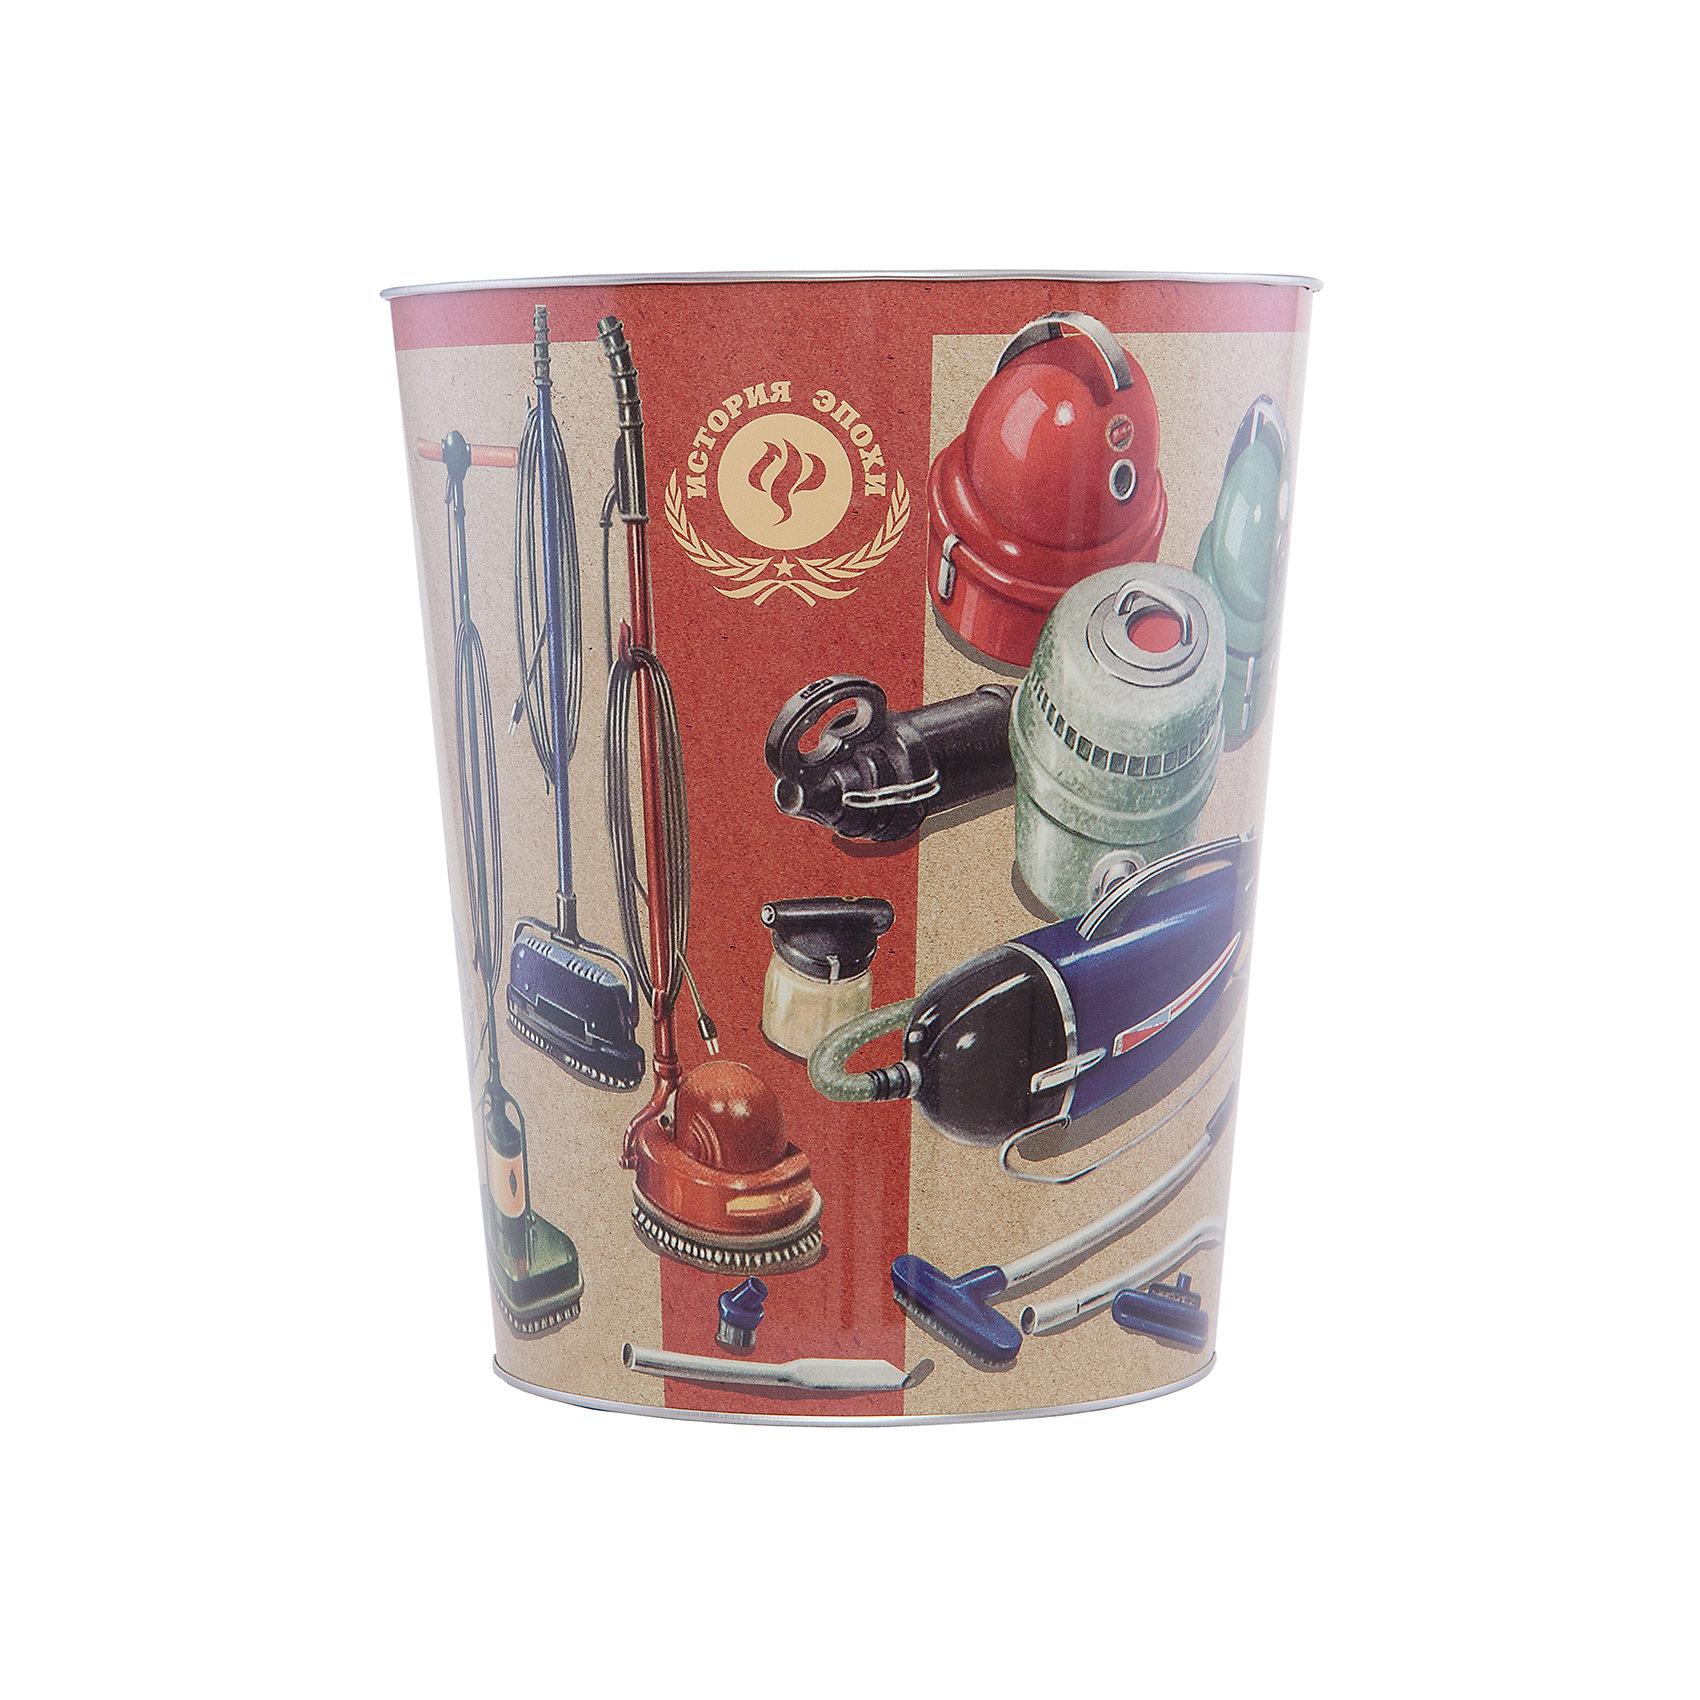 Ведро мусорное ПылесосыПылесосы - ведро для мусора, сделанное из металла и украшенное рисунком с советскими пылесосами. Простое и практичное ведро удобно использовать как дома, так и на рабочем месте.<br><br>Дополнительная информация:<br>Материал: металл<br>Диаметр: 22,5 см<br>Высота: 26,5 см<br>Вес: 375 грамм<br>Мусорное ведро Пылесосы можно приобрести в нашем интернет-магазине.<br><br>Ширина мм: 690<br>Глубина мм: 250<br>Высота мм: 240<br>Вес г: 417<br>Возраст от месяцев: 84<br>Возраст до месяцев: 216<br>Пол: Унисекс<br>Возраст: Детский<br>SKU: 4957980